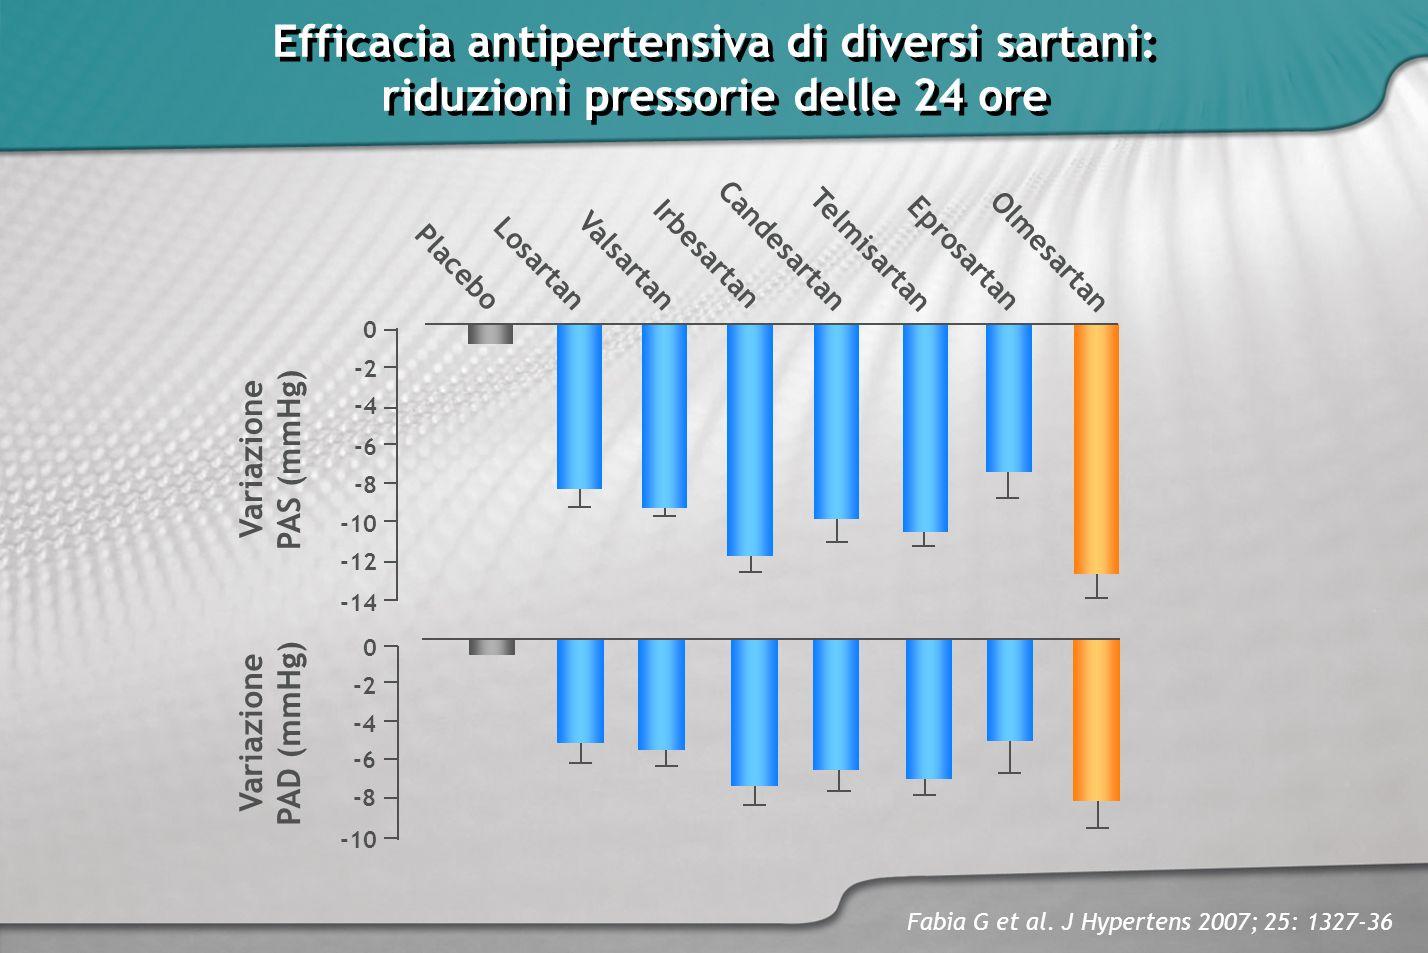 Efficacia antipertensiva di diversi sartani: riduzioni pressorie delle 24 ore Efficacia antipertensiva di diversi sartani: riduzioni pressorie delle 2